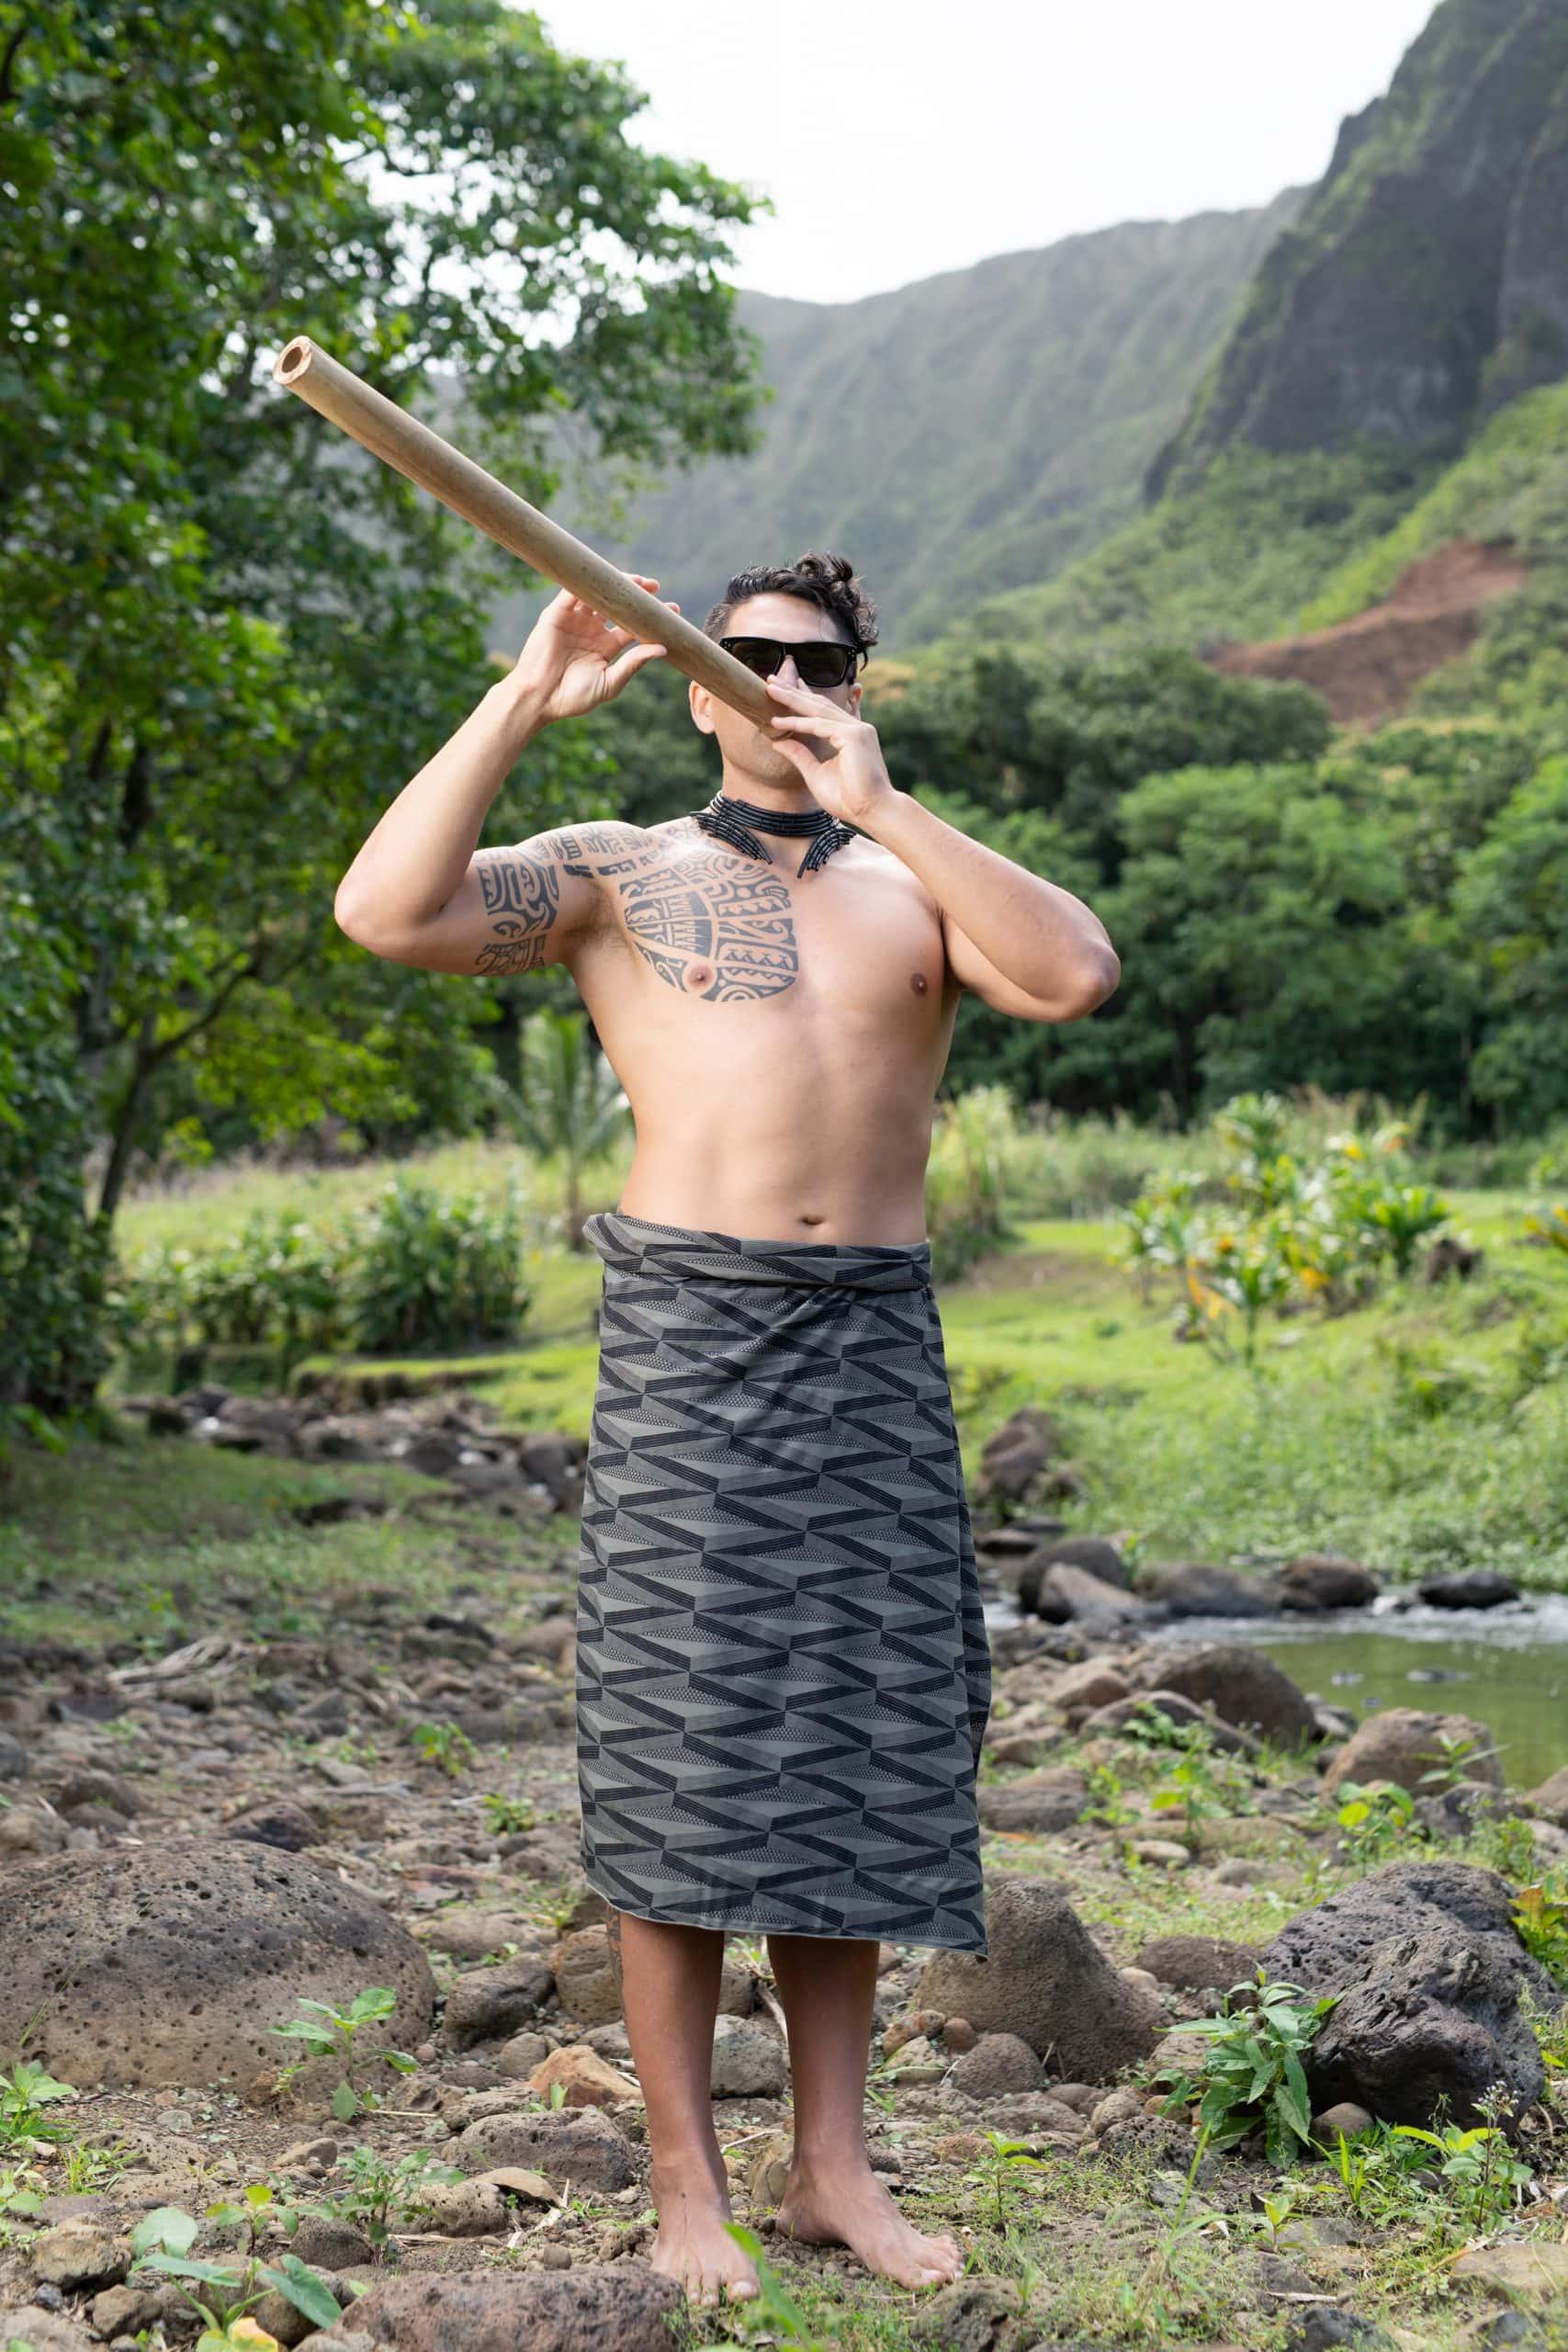 Male model wearing Pareo outside